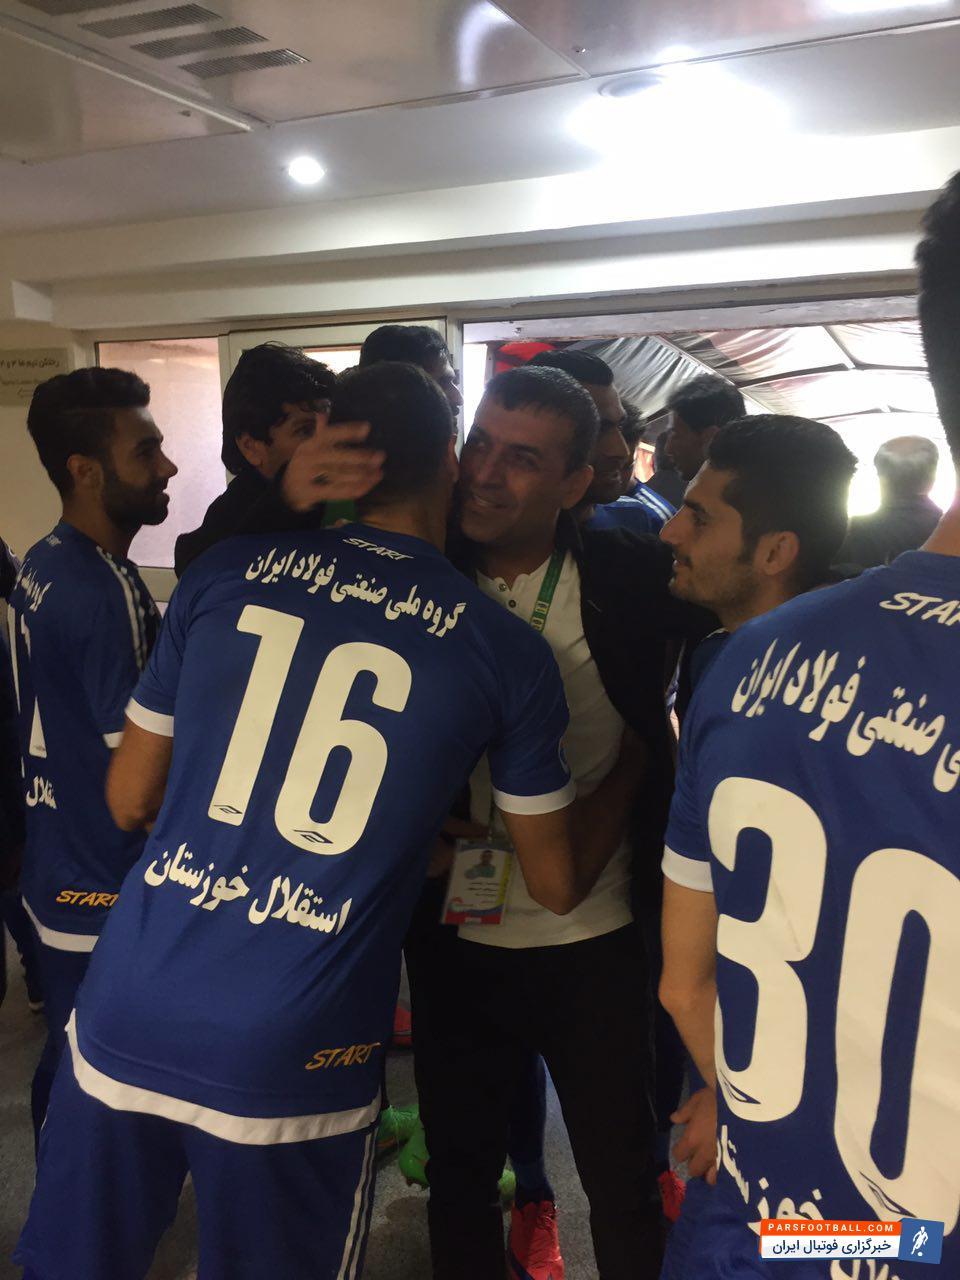 عبدالله ویسی :امیدوارم دربی خوبی در پیش باشد | خبرگزاری ورزشی پارس فوتبال